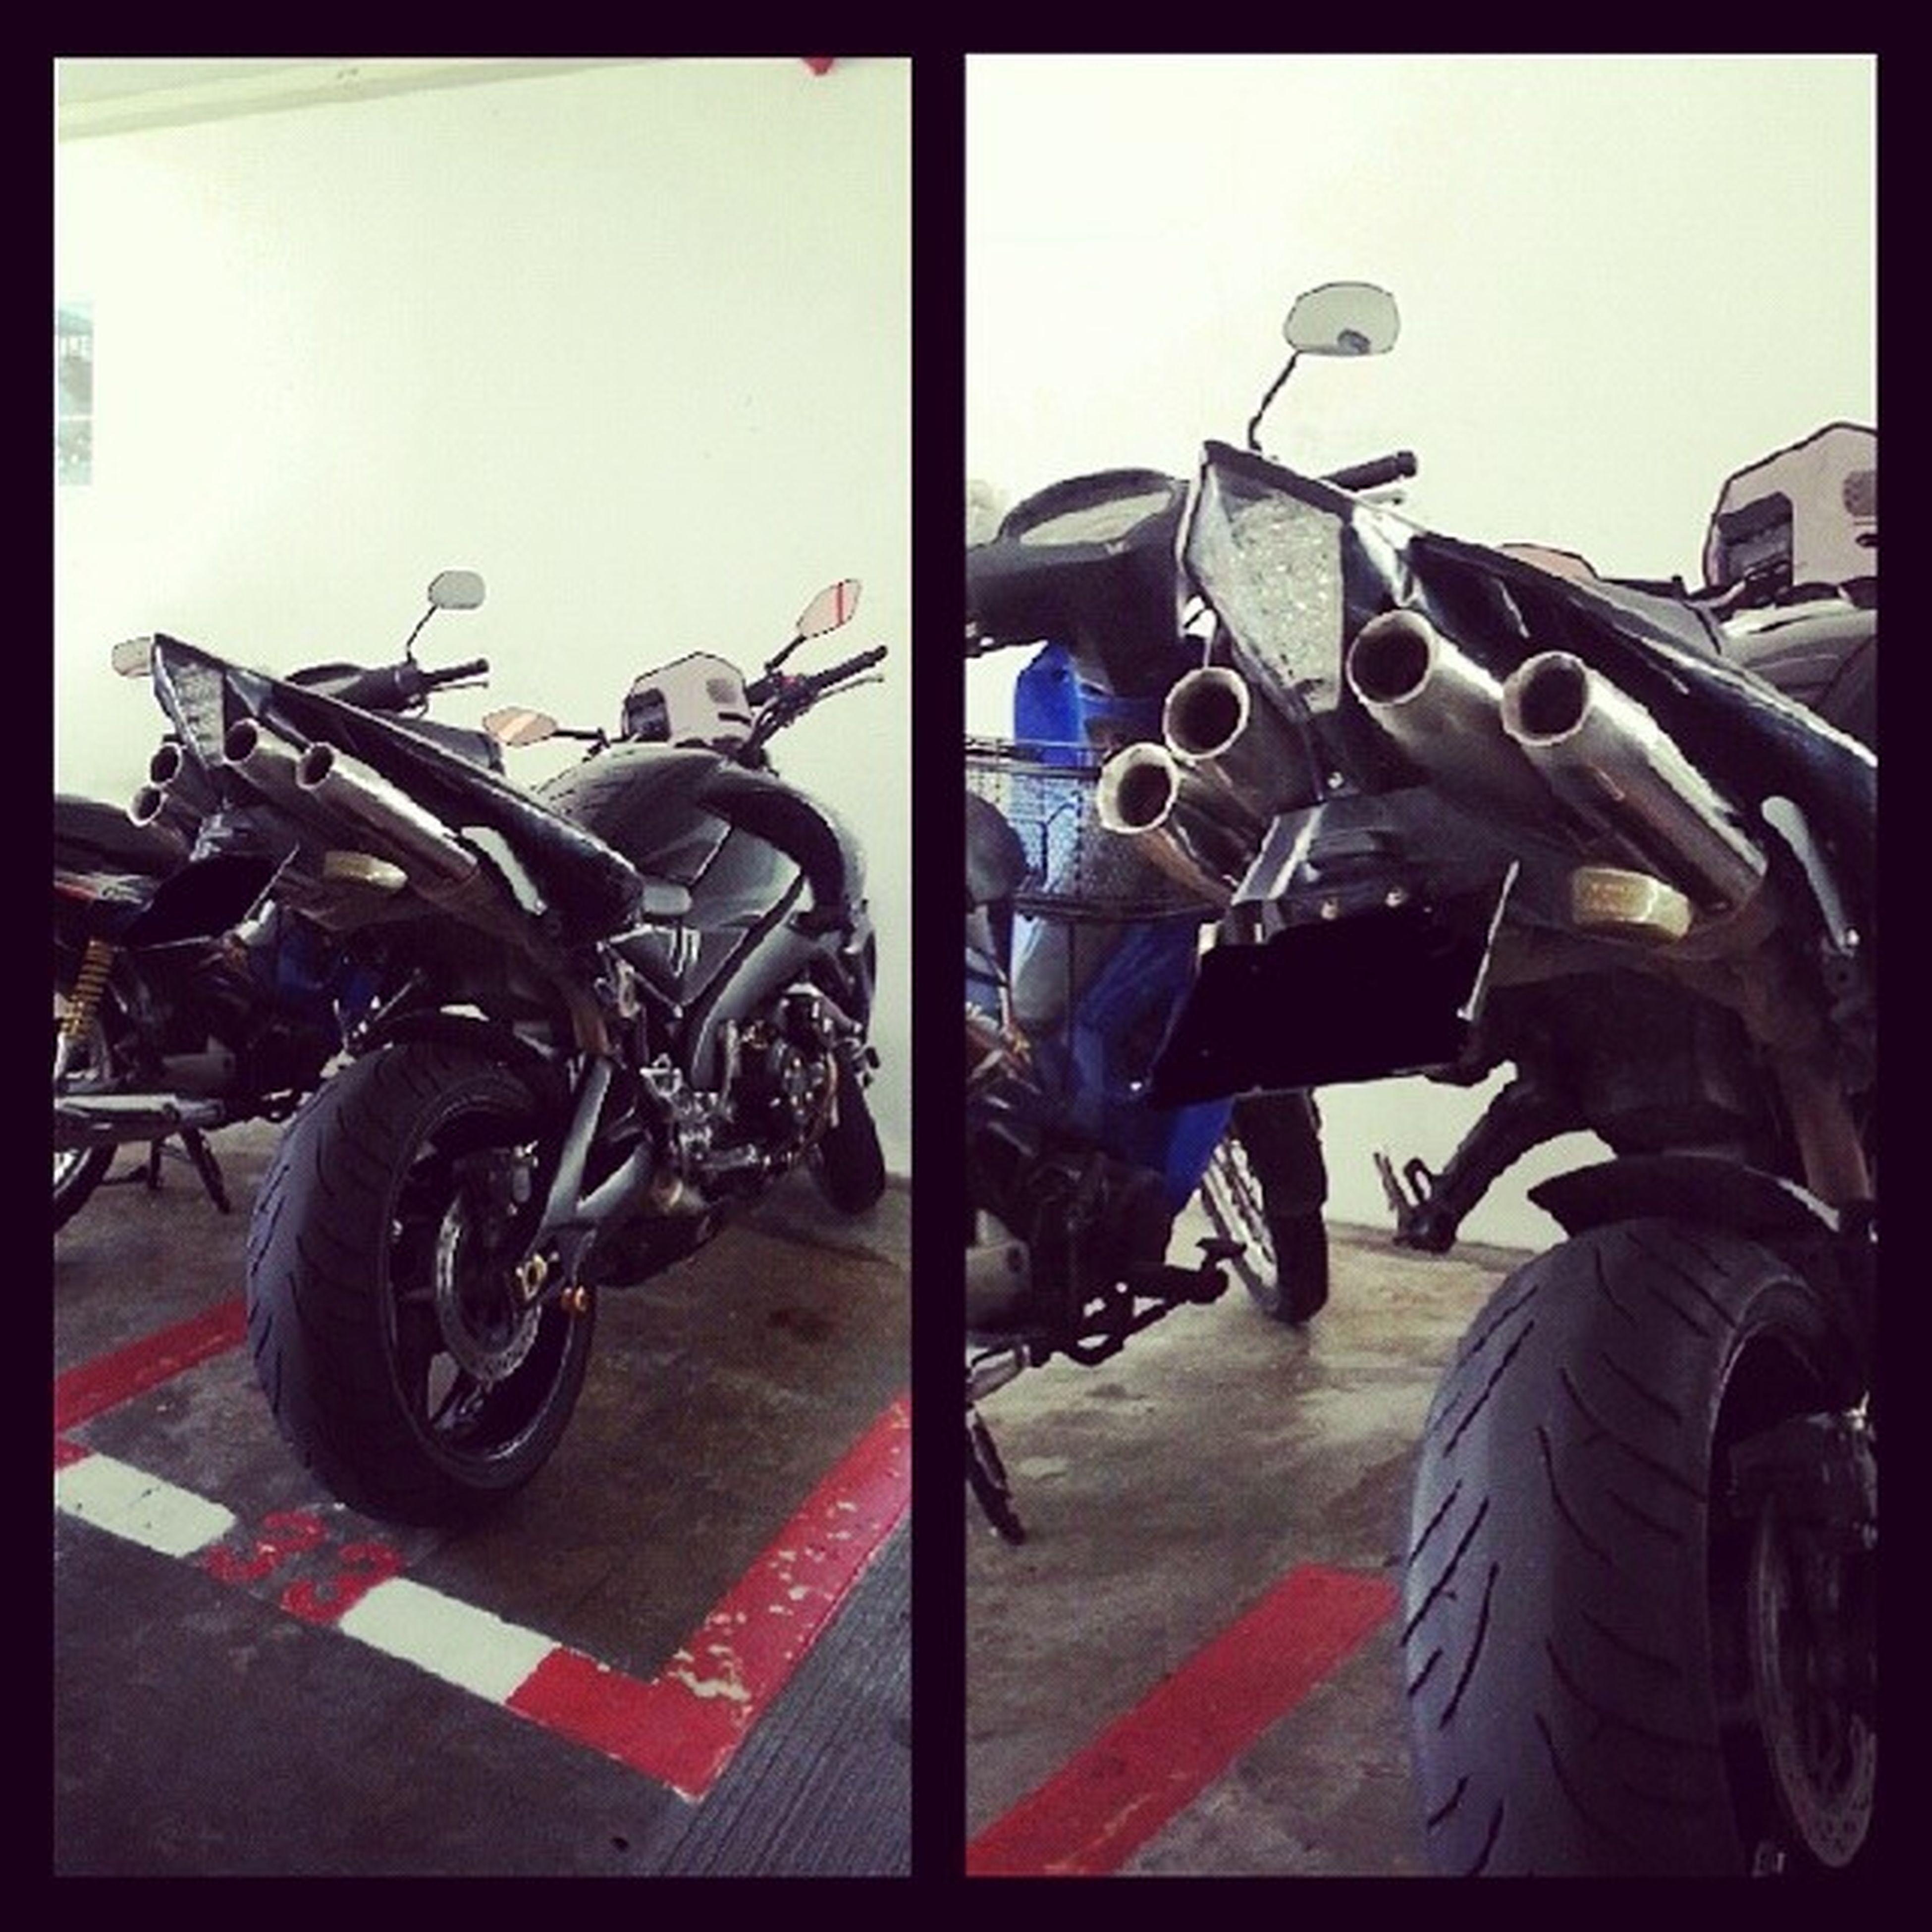 OMG! Suzuki Bking Laserexhaust Exhaust black superbikes